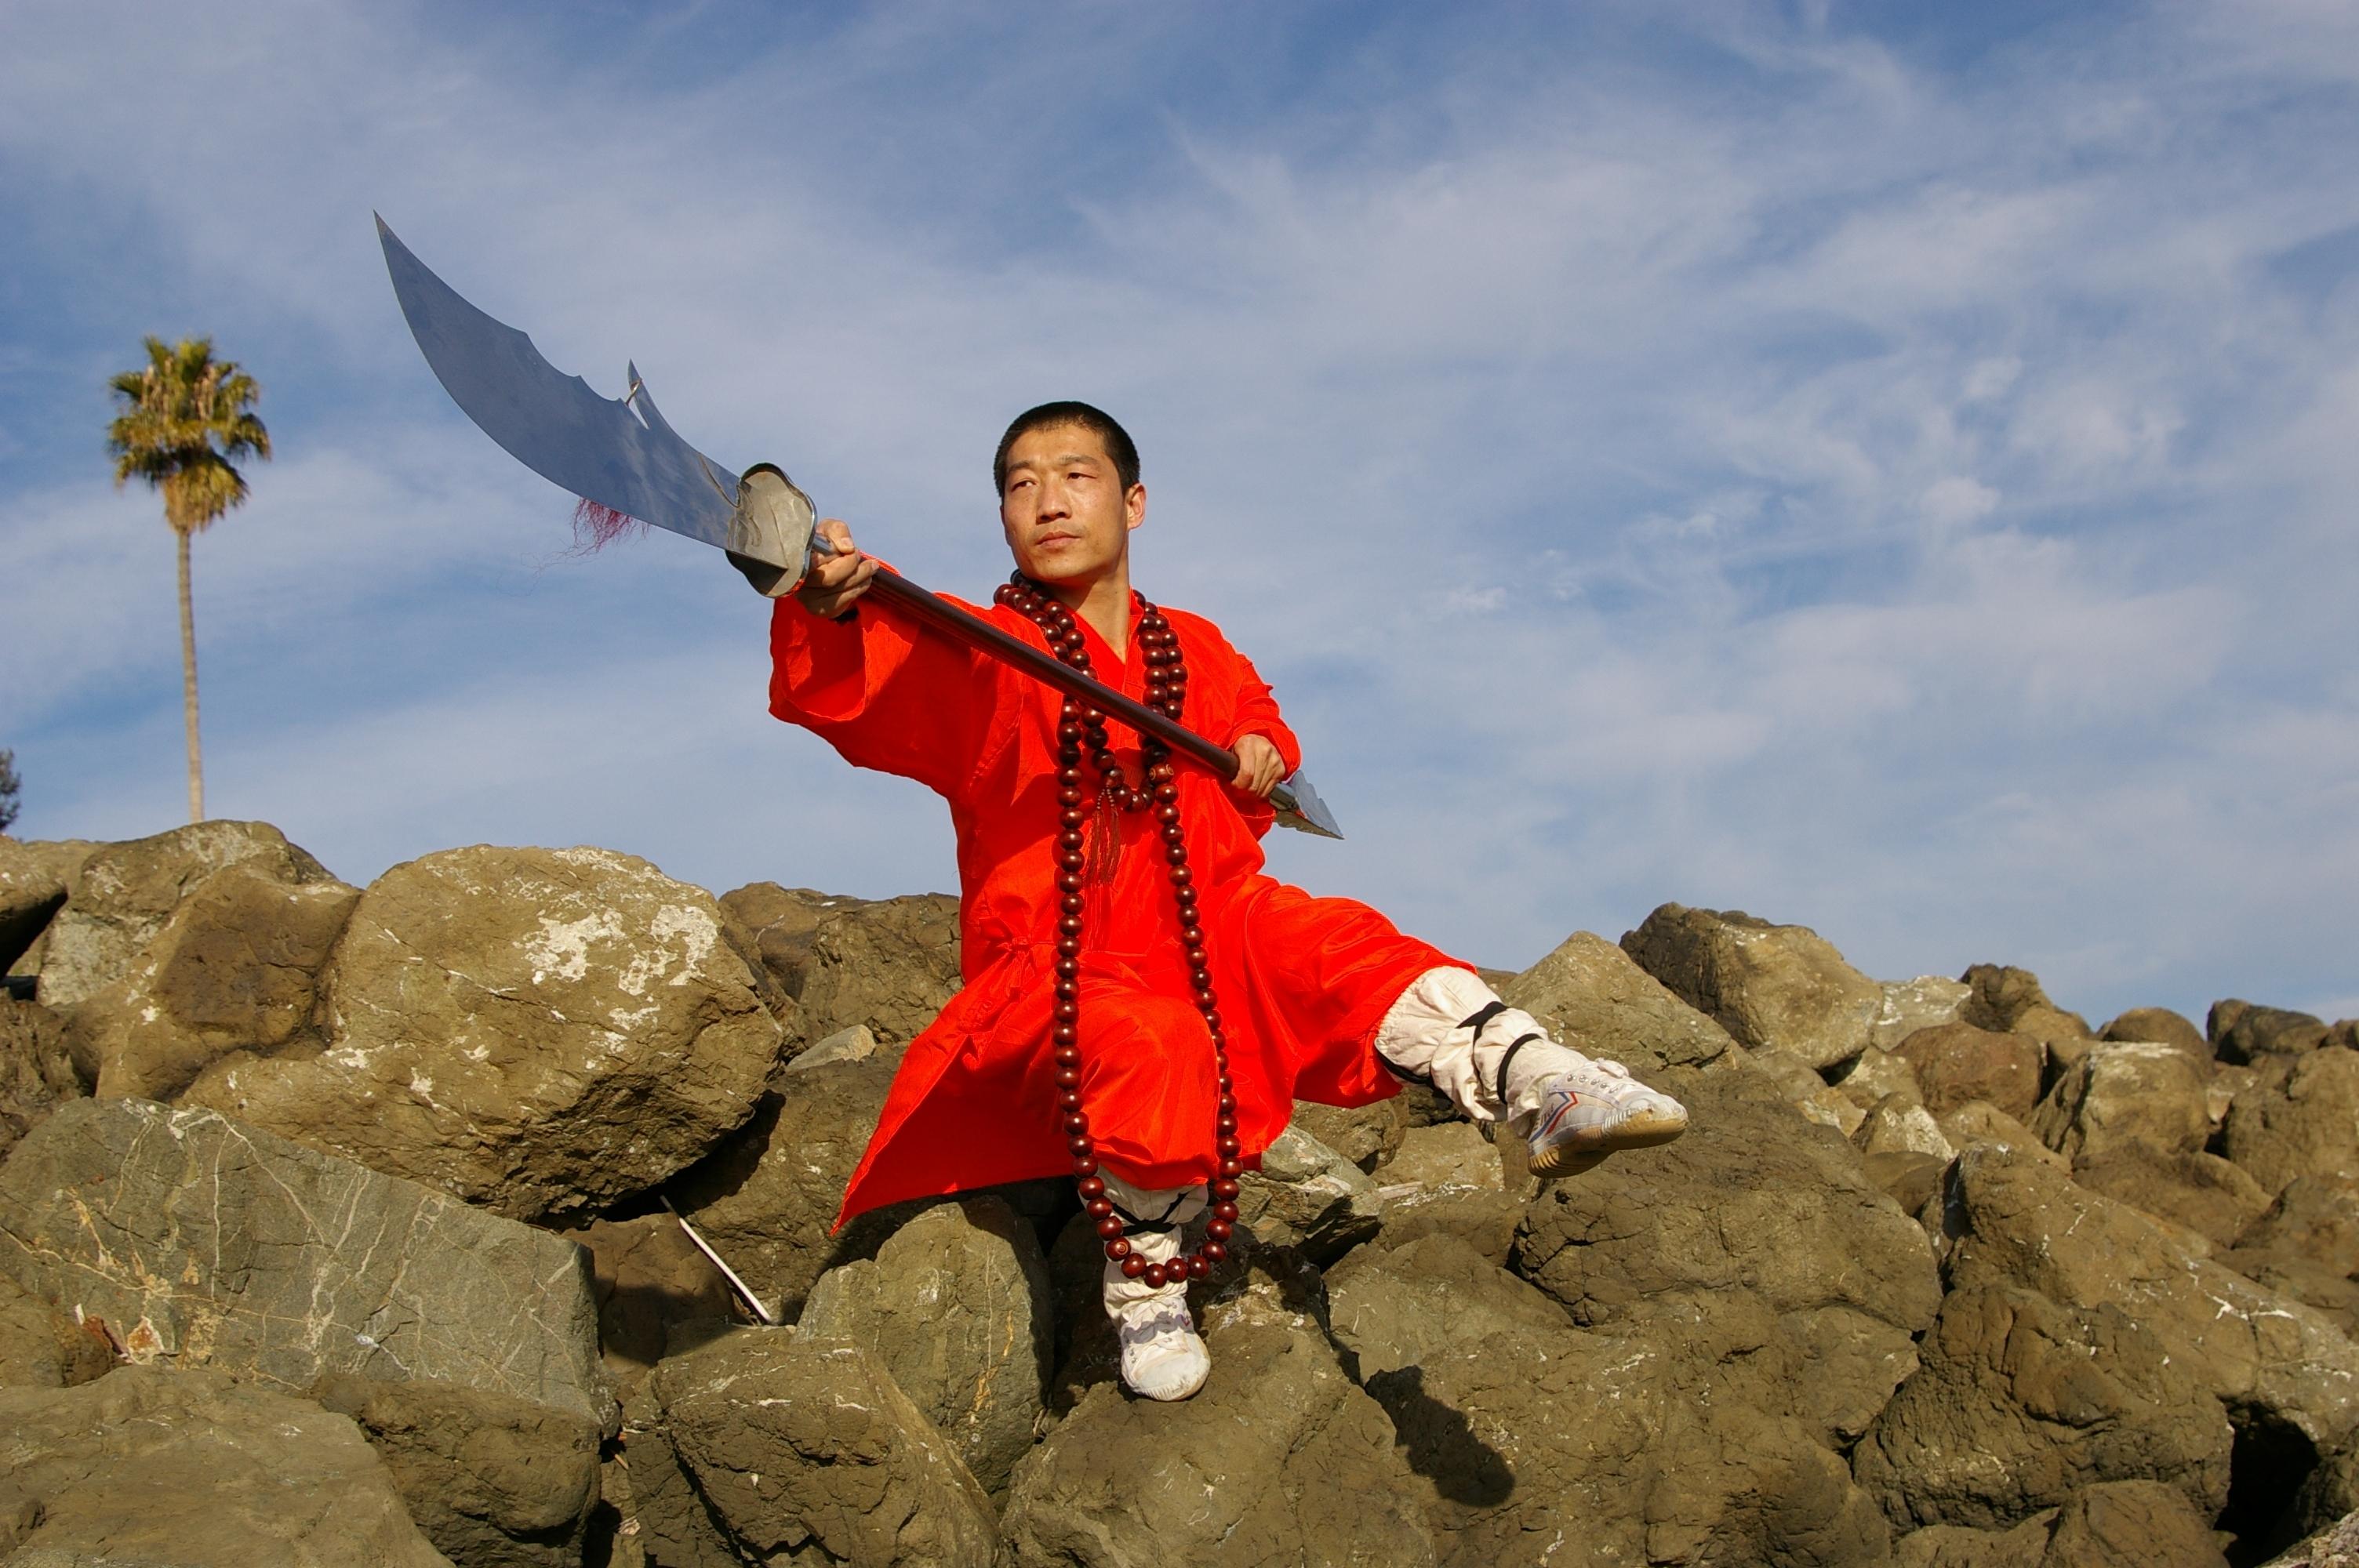 22 martial arts hd - photo #41